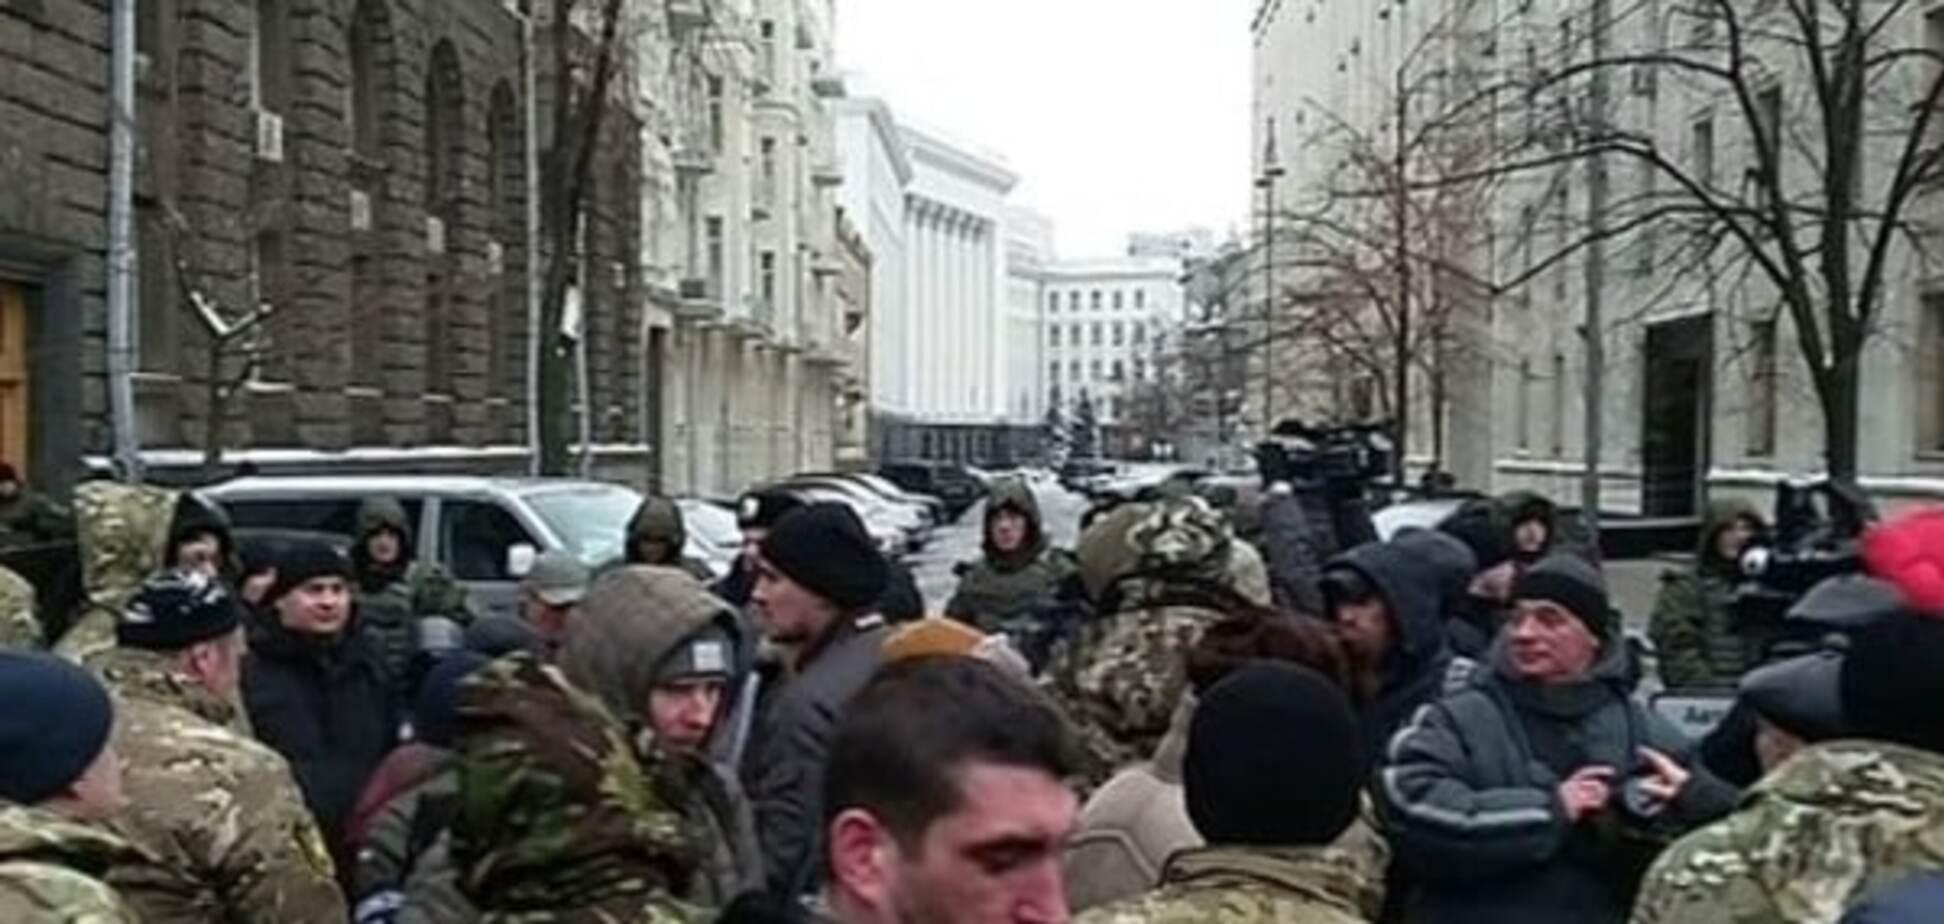 Іловайська трагедія: бійці оголосили ультиматум, інакше 'вживатимуть заходи'